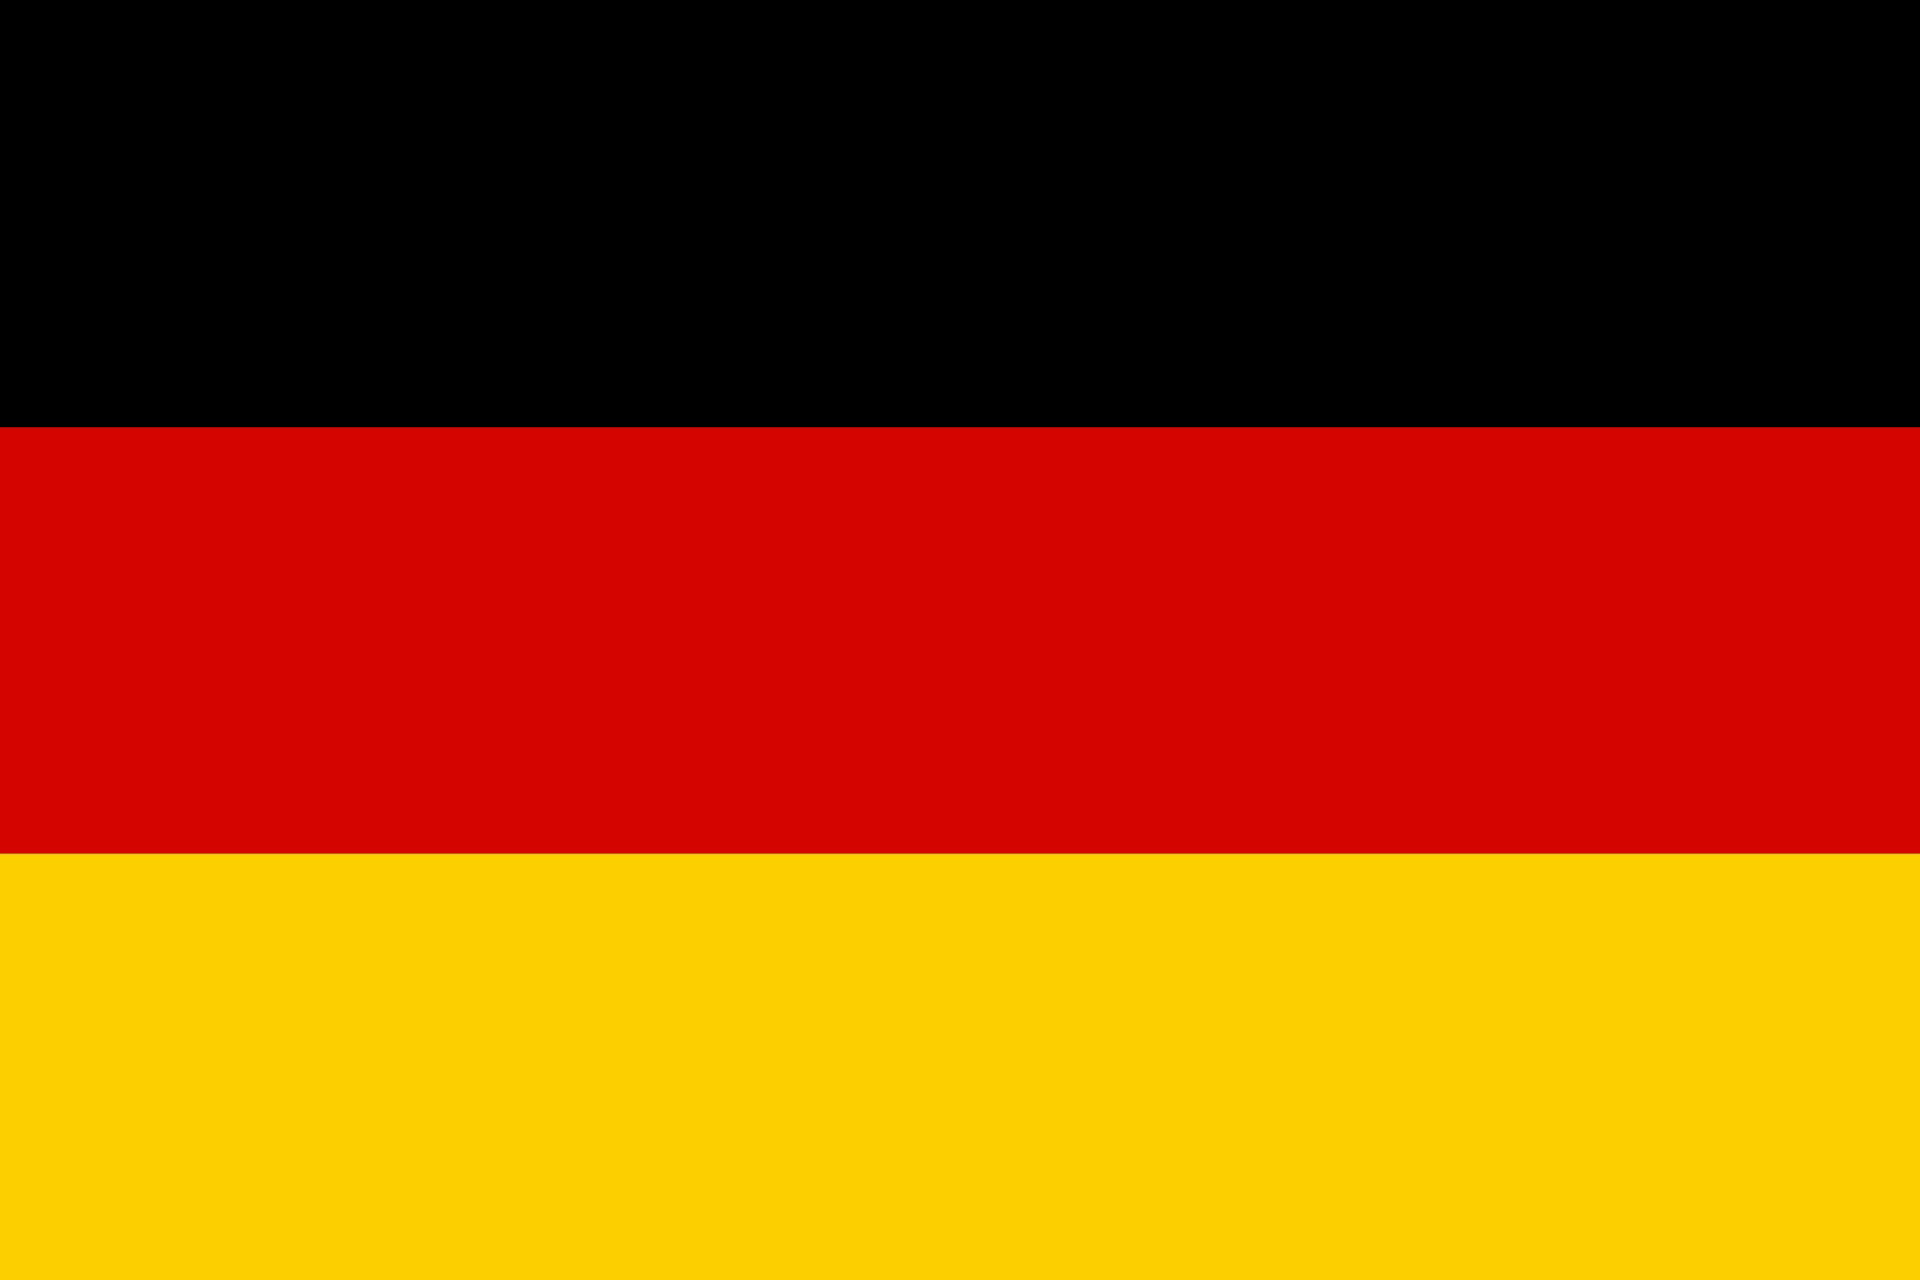 Deuschland Flagge